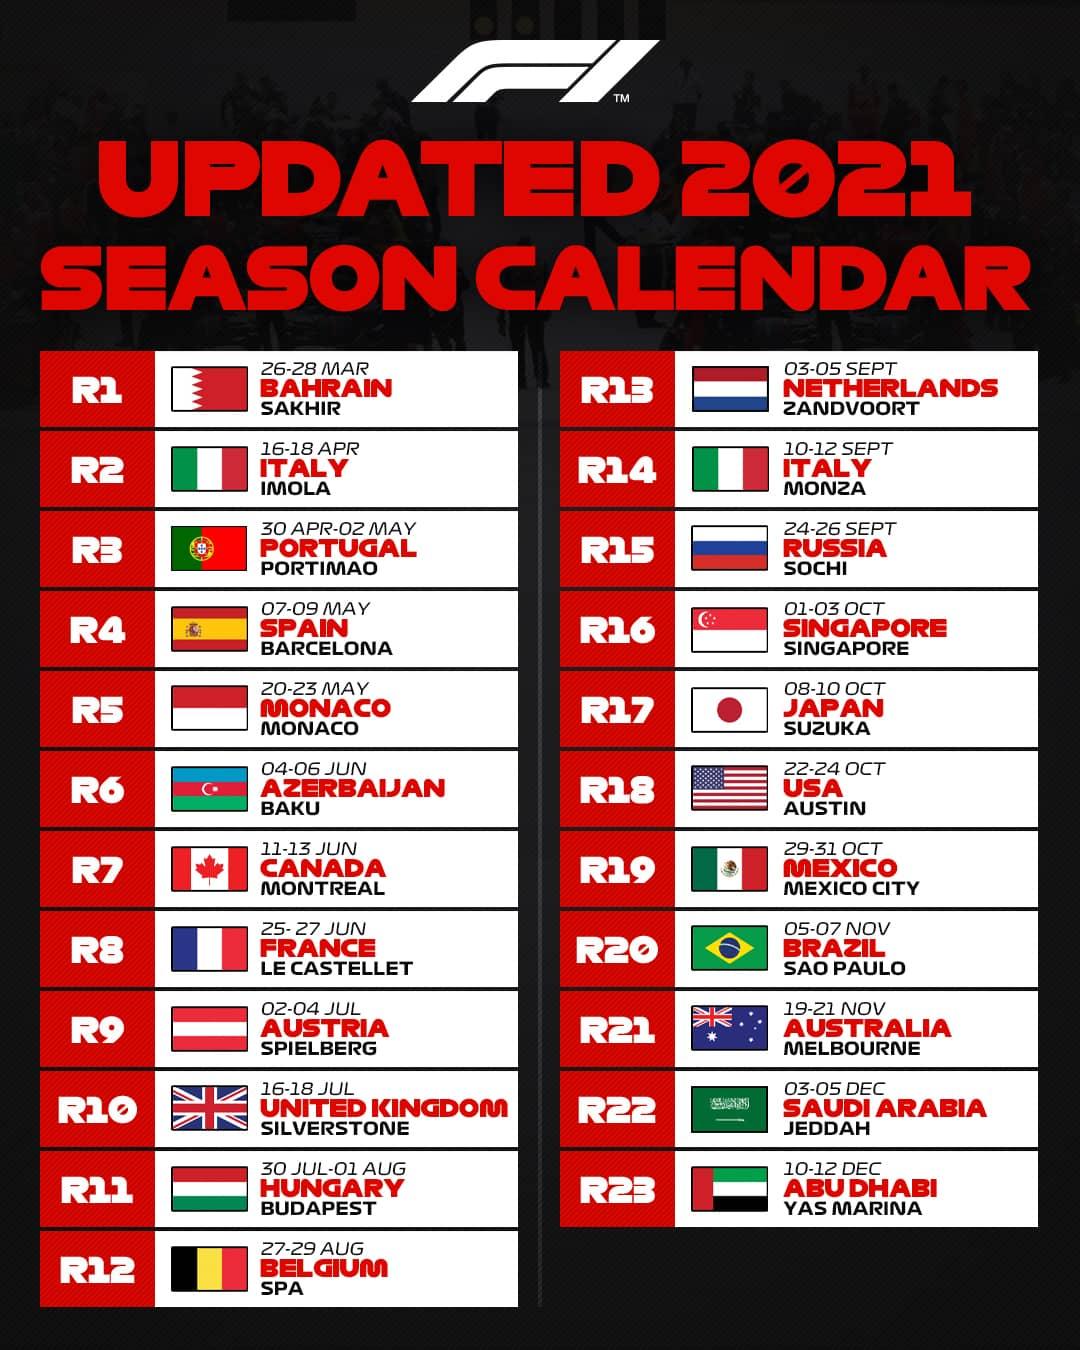 Formule 1 calendrier saison 2021